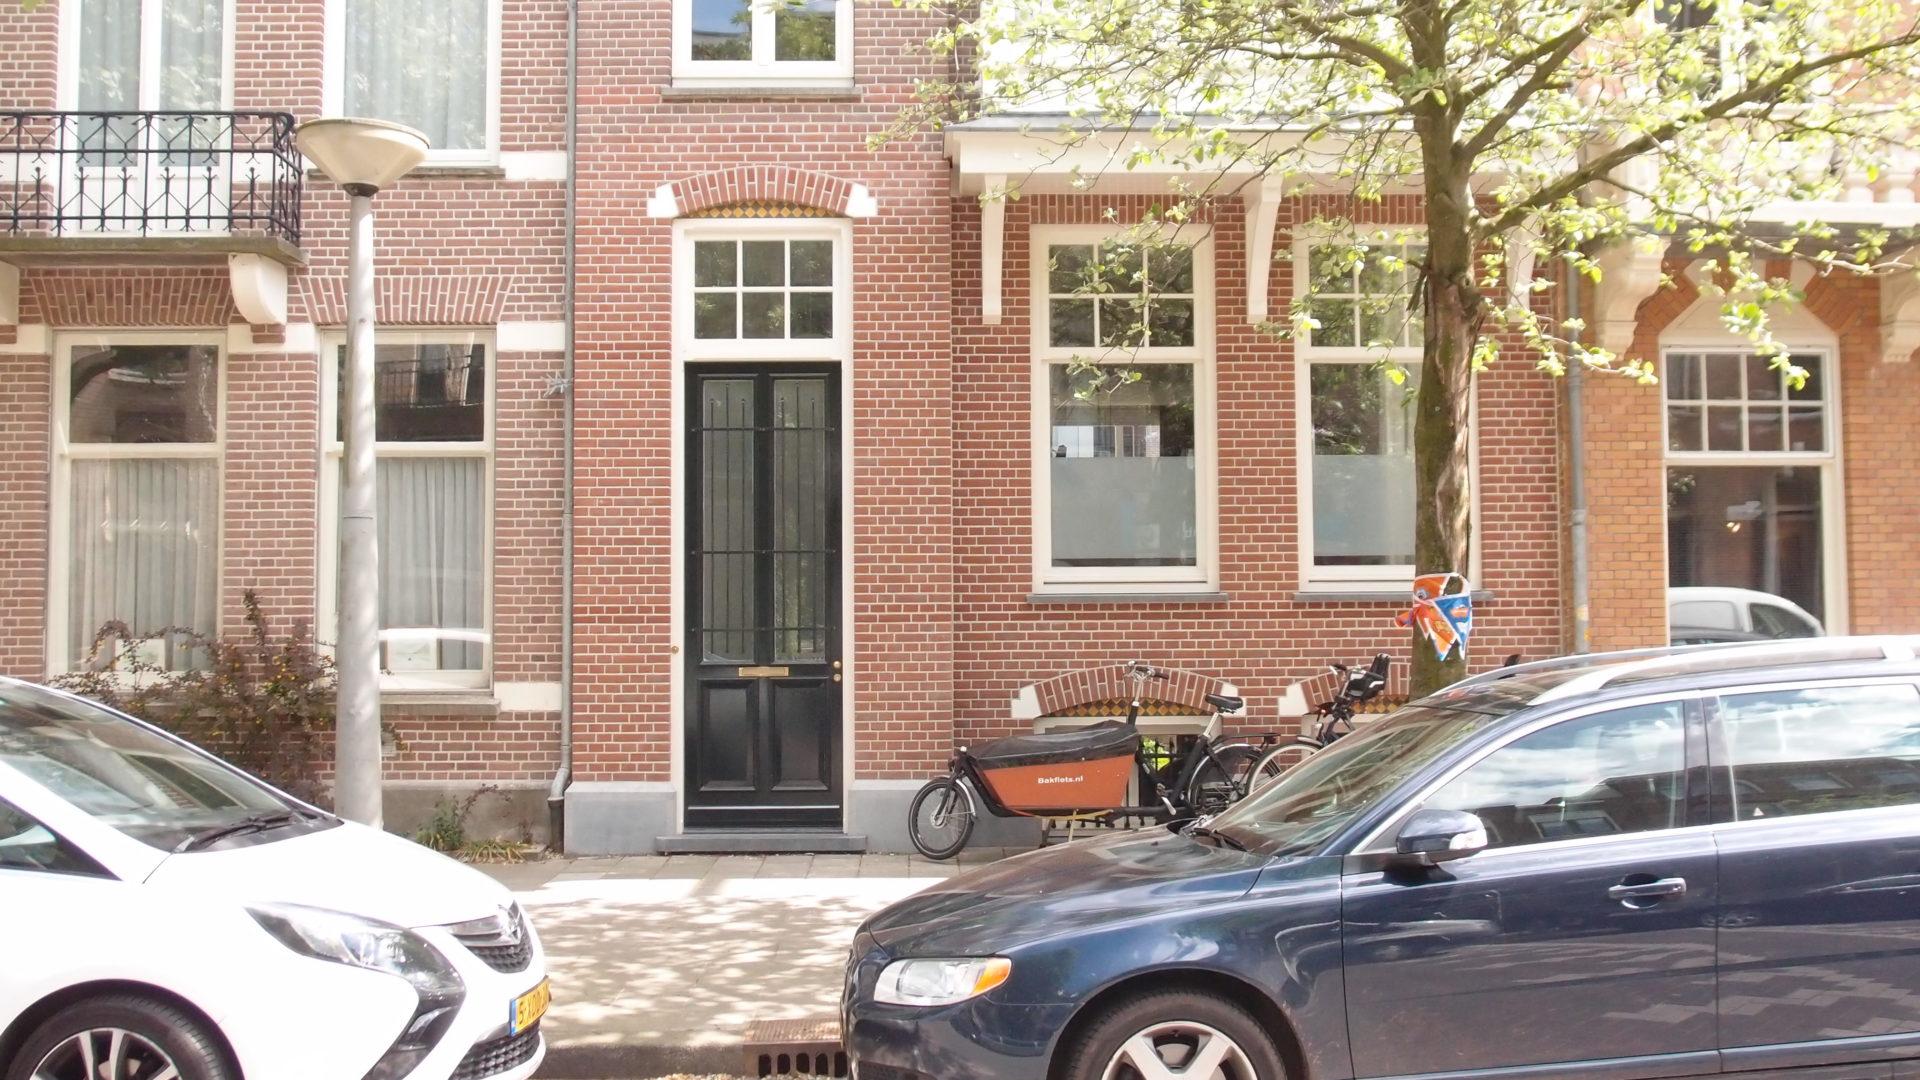 voorgevel voor de verbouwing van het woonhuis aan de hogeweg in amsterdam